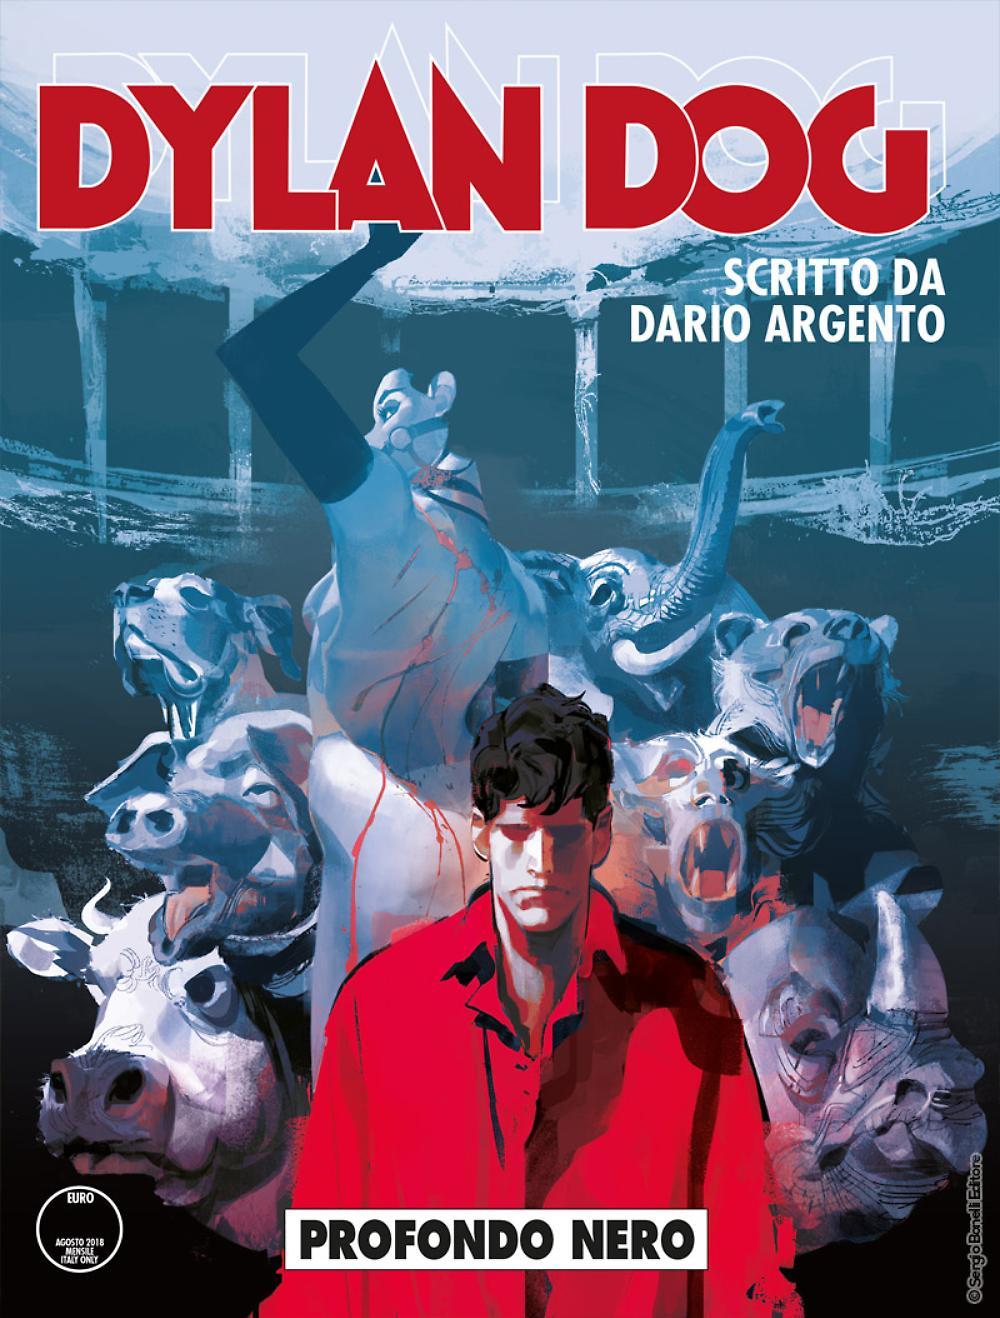 Dylan Dog secondo il maestro dell'horror Dario Argento | Collater.al 1